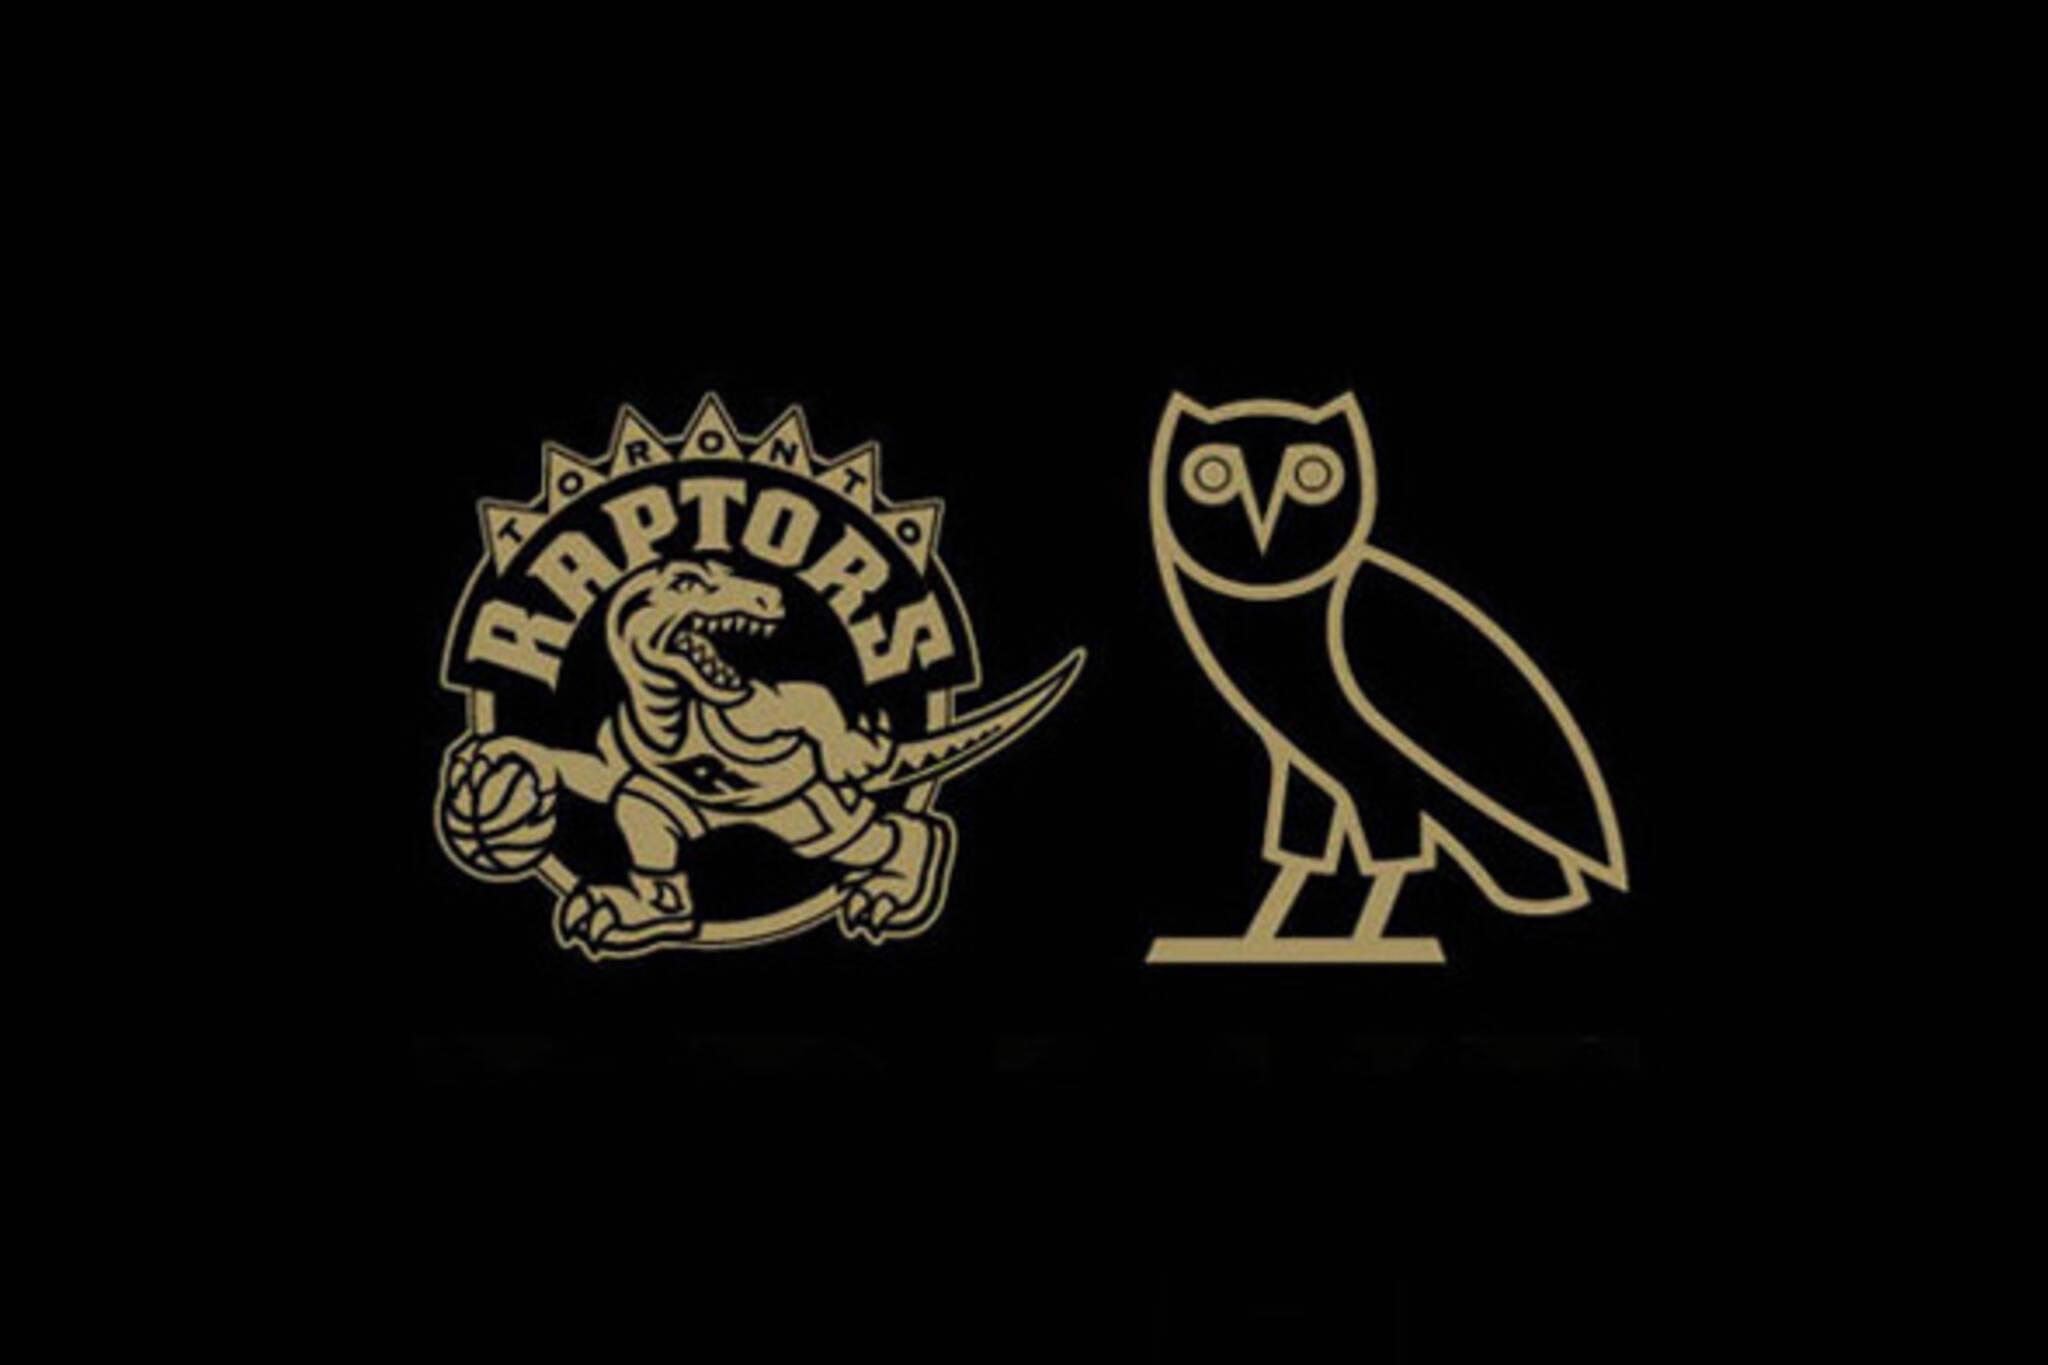 c0b1035bad2 Drake tweets OVO branded Raptors gear on sale soon